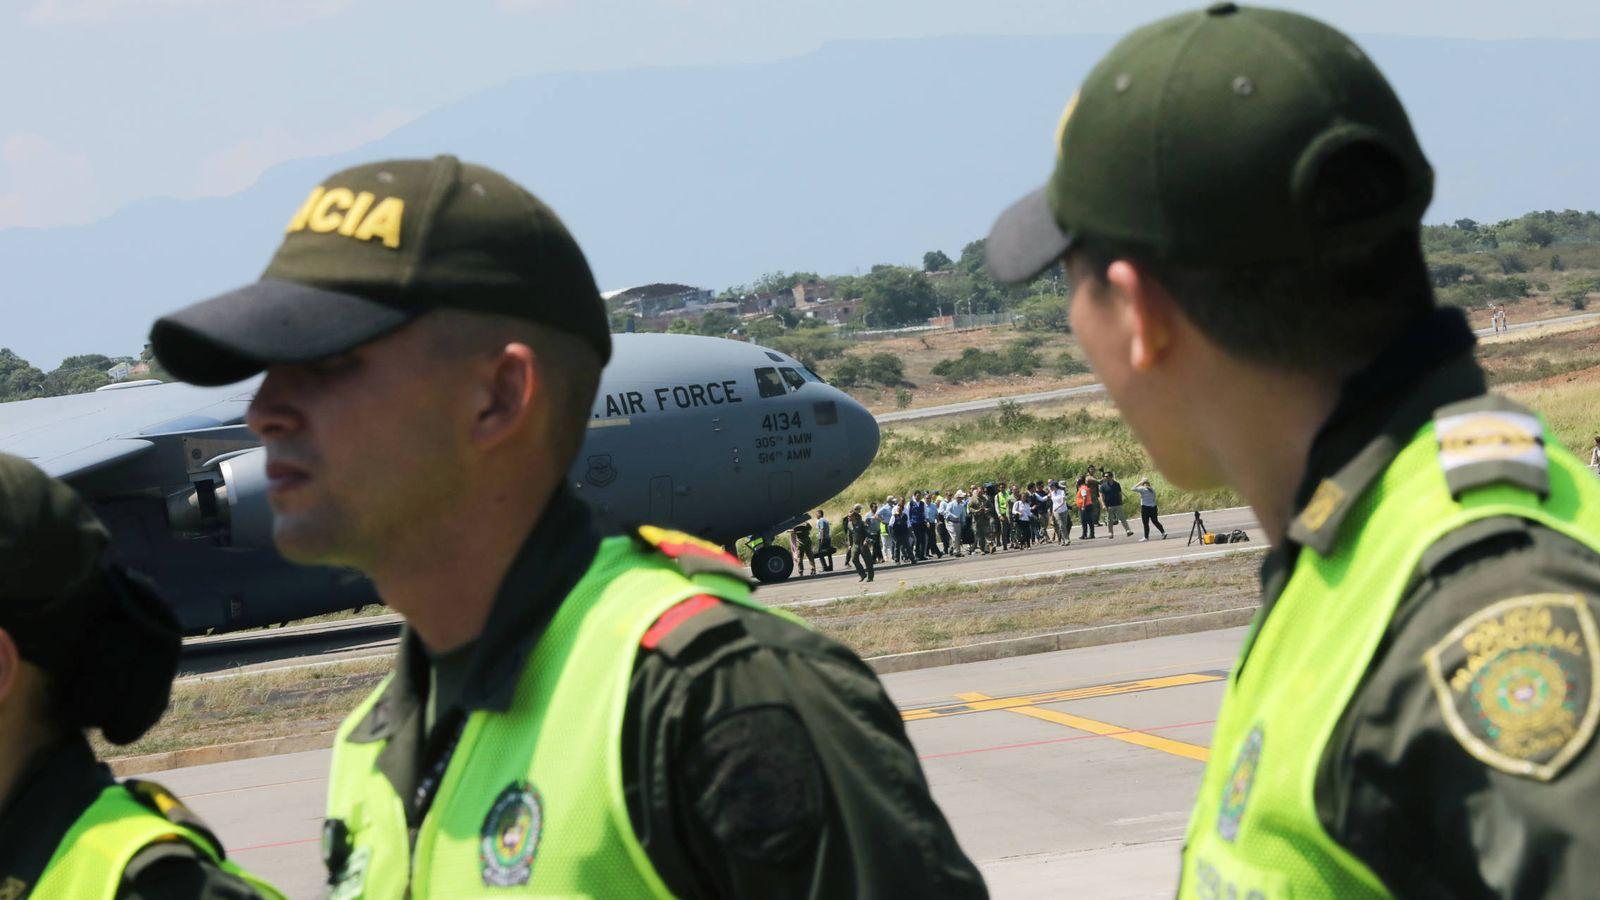 Foto: Un avión de la fuerza aérea de EEUU con ayuda humanitaria para Venezuela tras aterrizar en el aeropuerto Camilo Daza, en Cúcuta, Colombia. (Reuters)